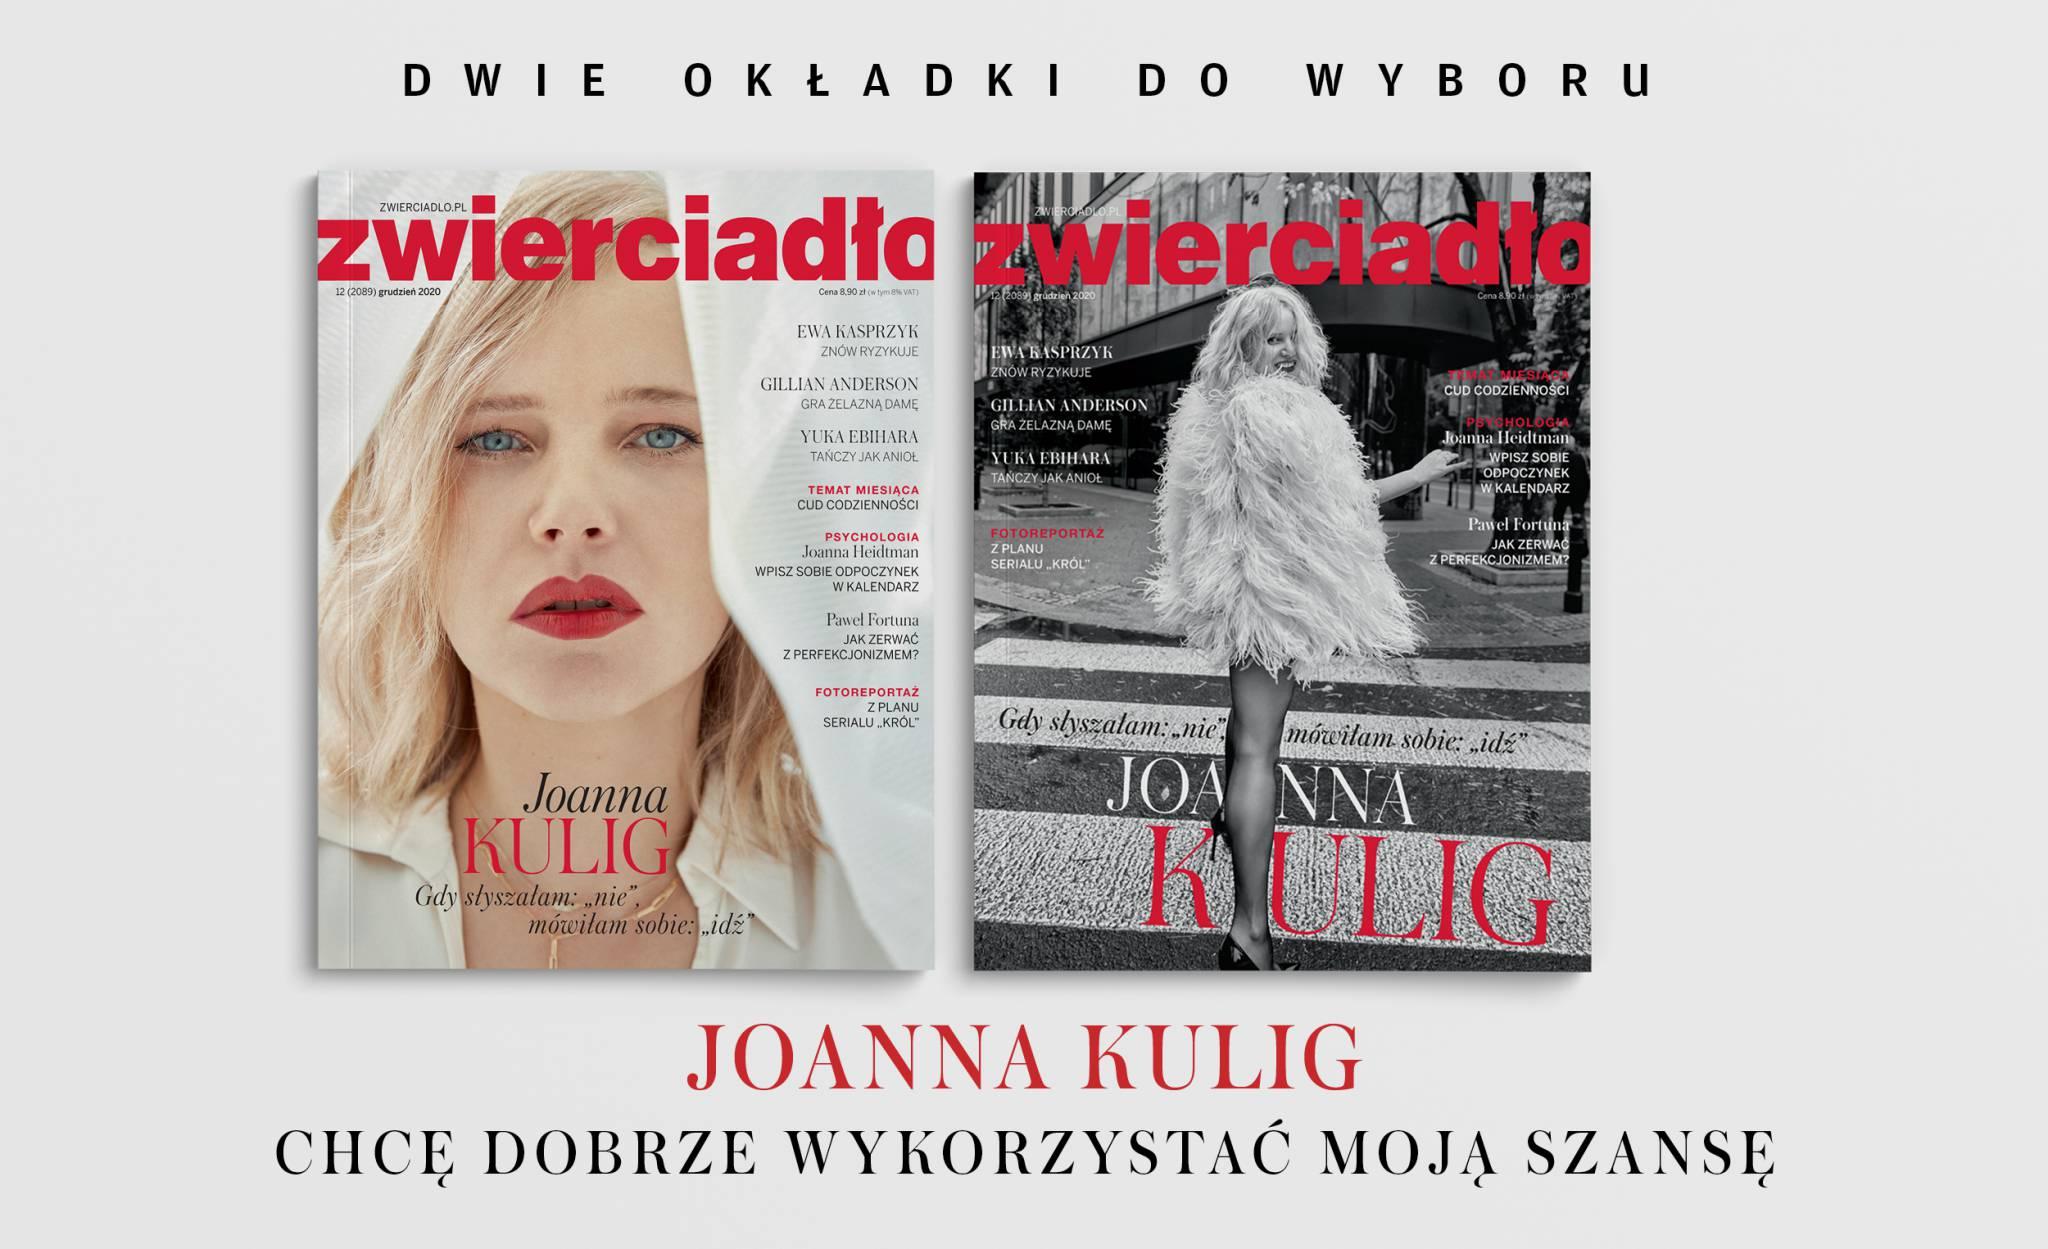 """Grudniowe """"Zwierciadlo"""" z Joanną Kulig na okładce już w sprzedaży"""